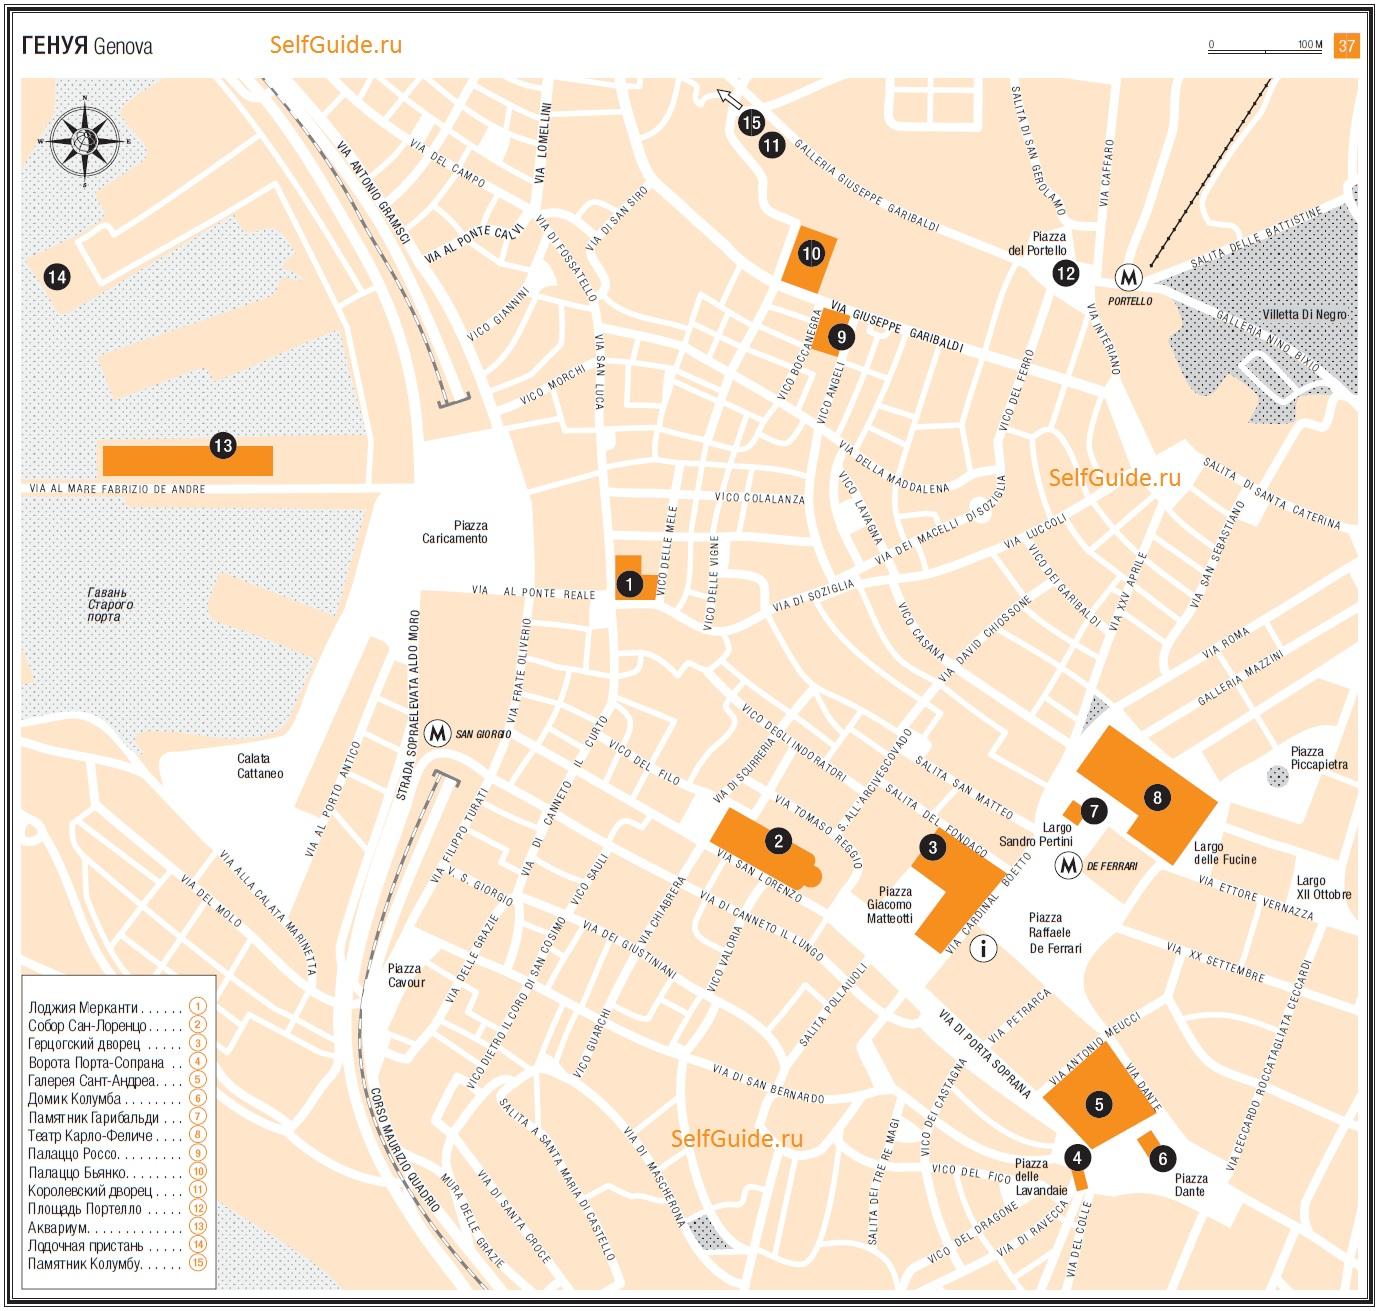 Туристический маршрут по Генуе - Генуя (Genua / Genova), Лигурия, Италия - достопримечательности, туристический маршрут с картой, путеводитель по Генуе ти Италии. Расписание транспорта в Генуе.